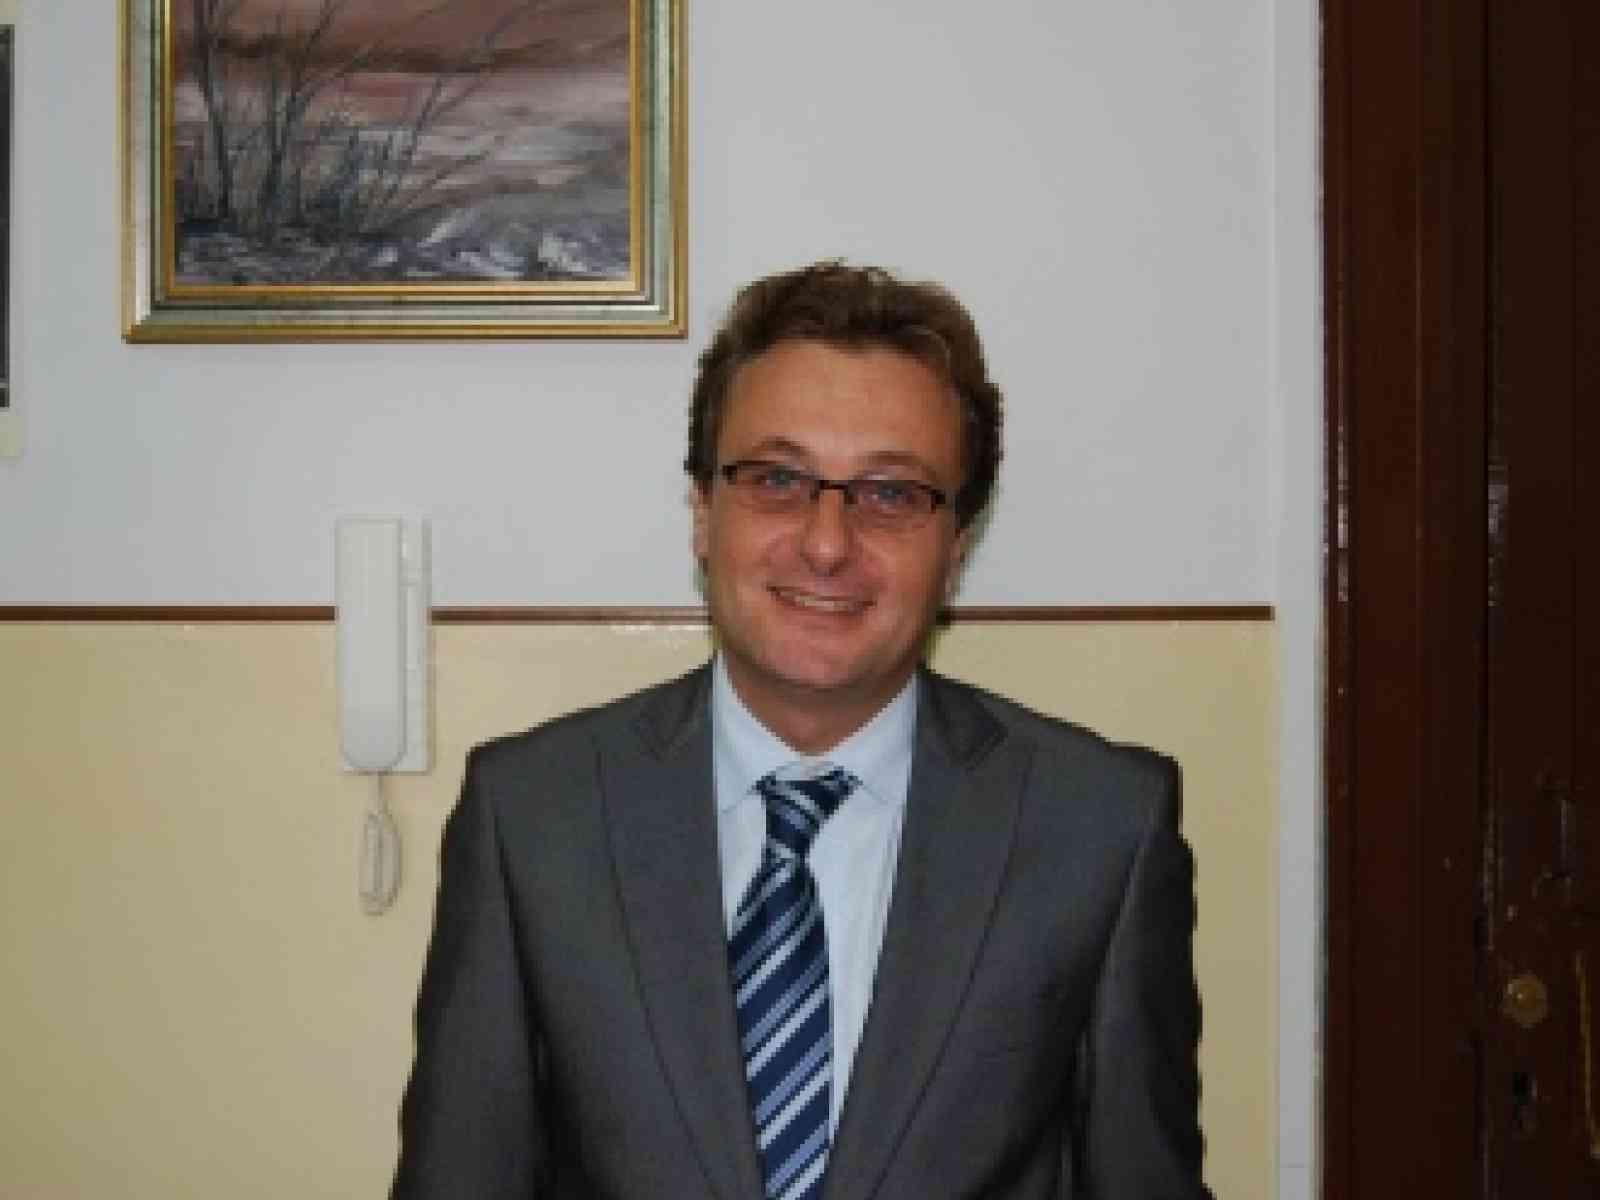 Autosciolto il consiglio comunale di Castelvetrano. Si attende l'arrivo del commissario